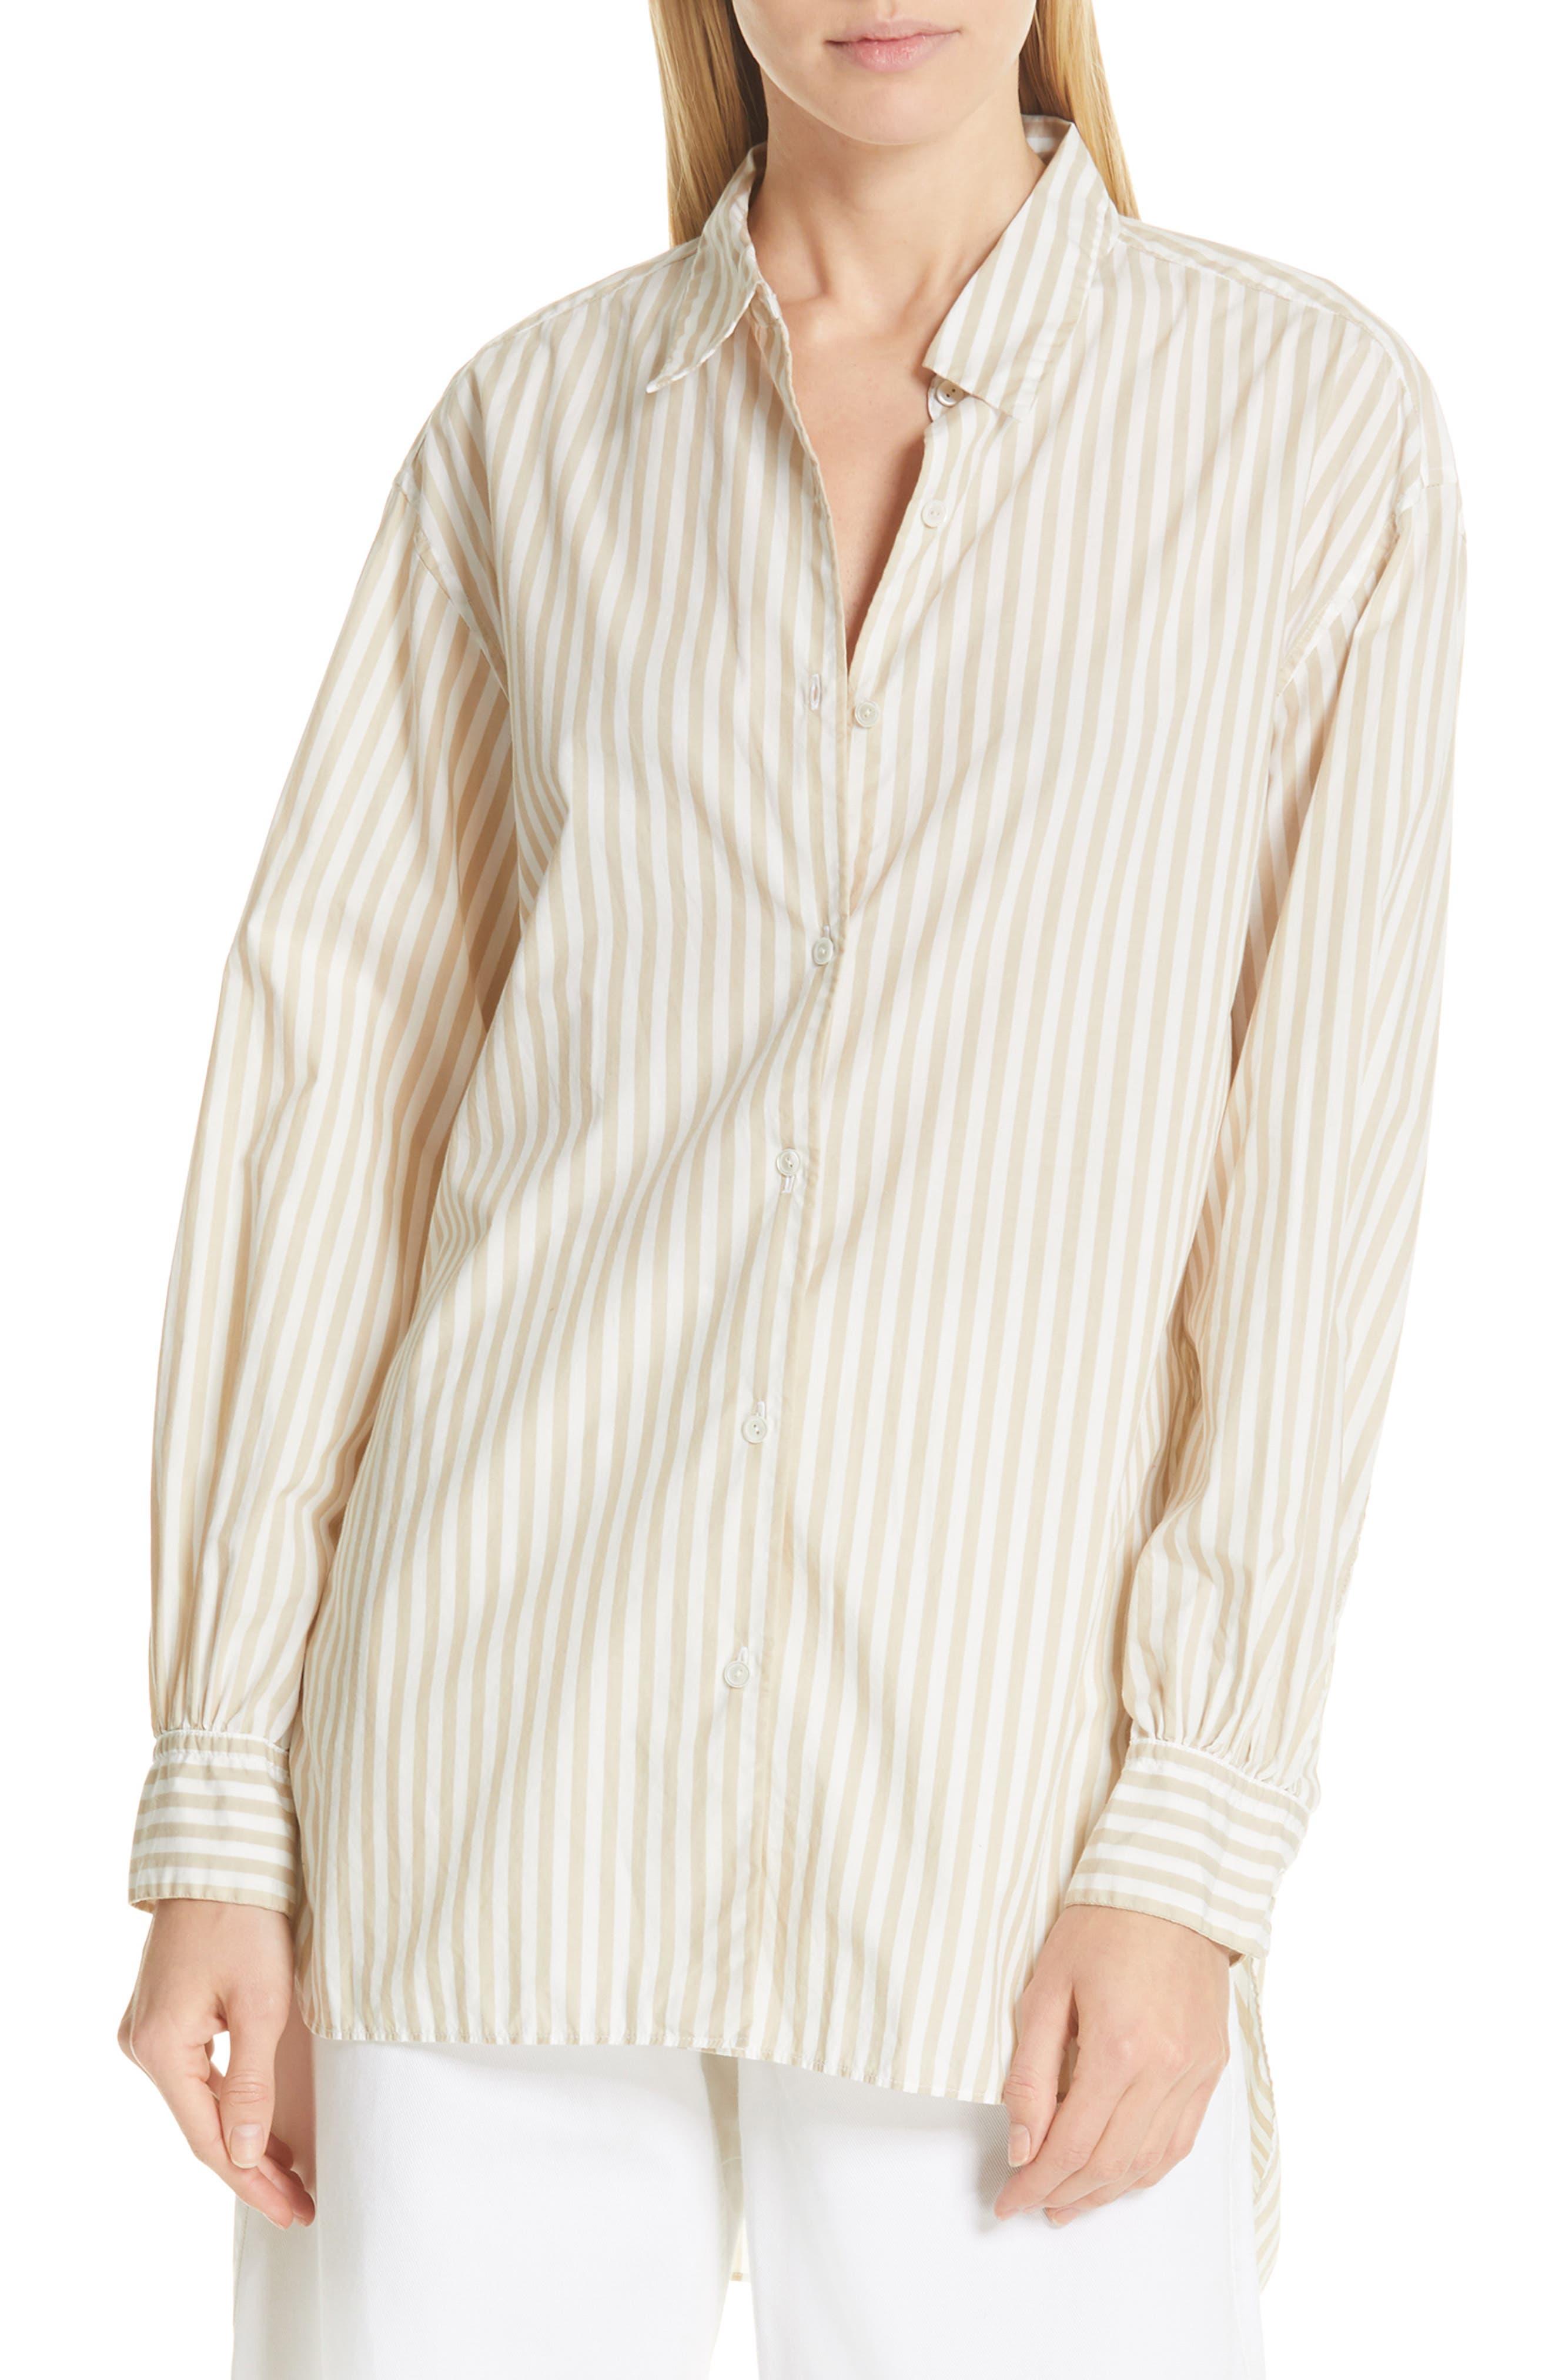 NILI LOTAN, Noa Stripe Shirt, Main thumbnail 1, color, TAN STRIPE